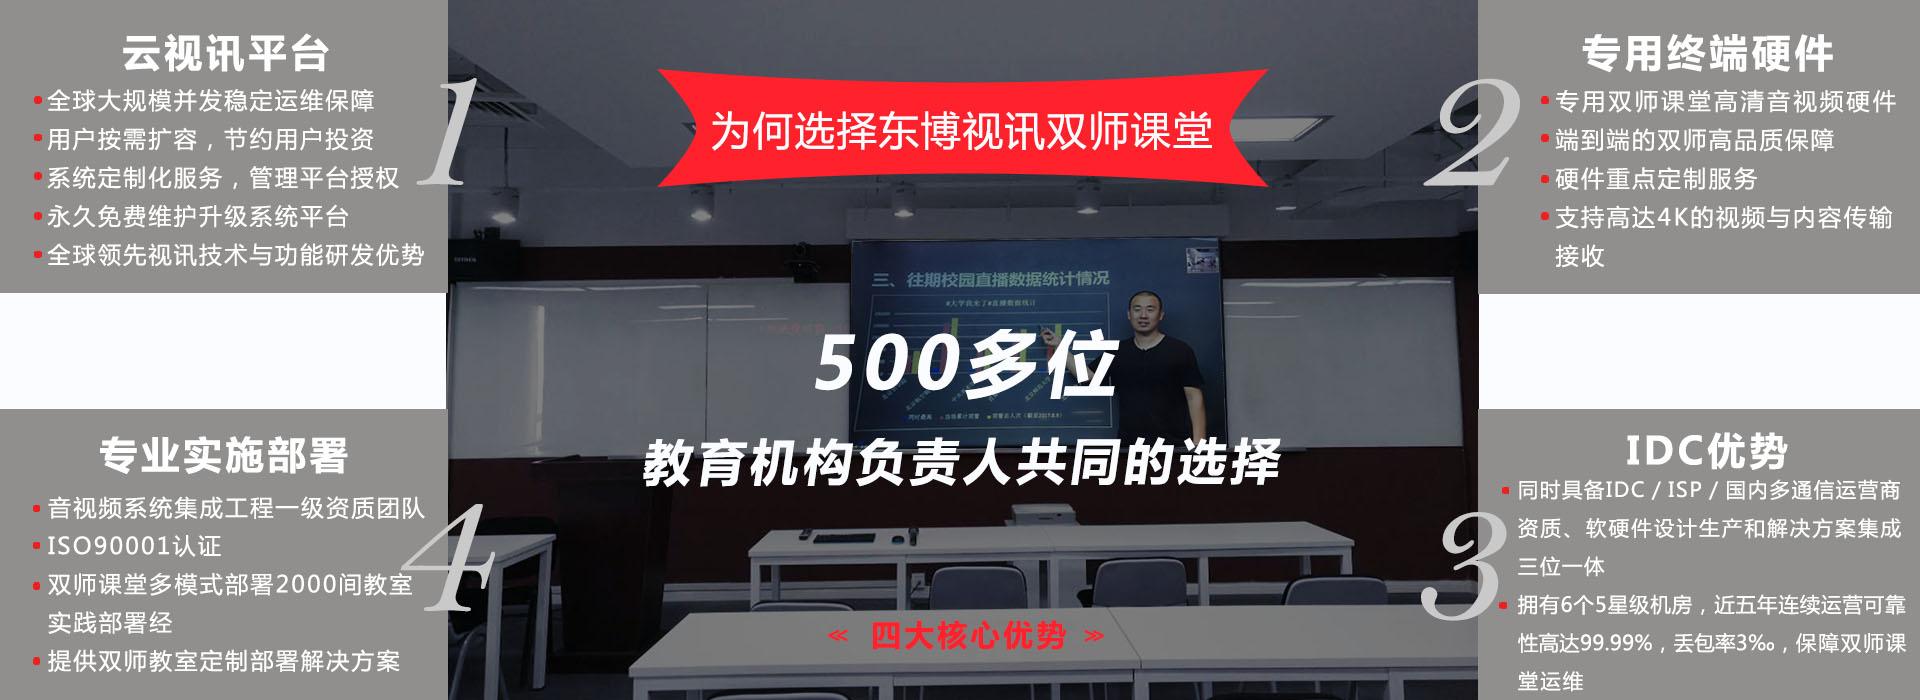 kok软件app下载双师课堂.jpg